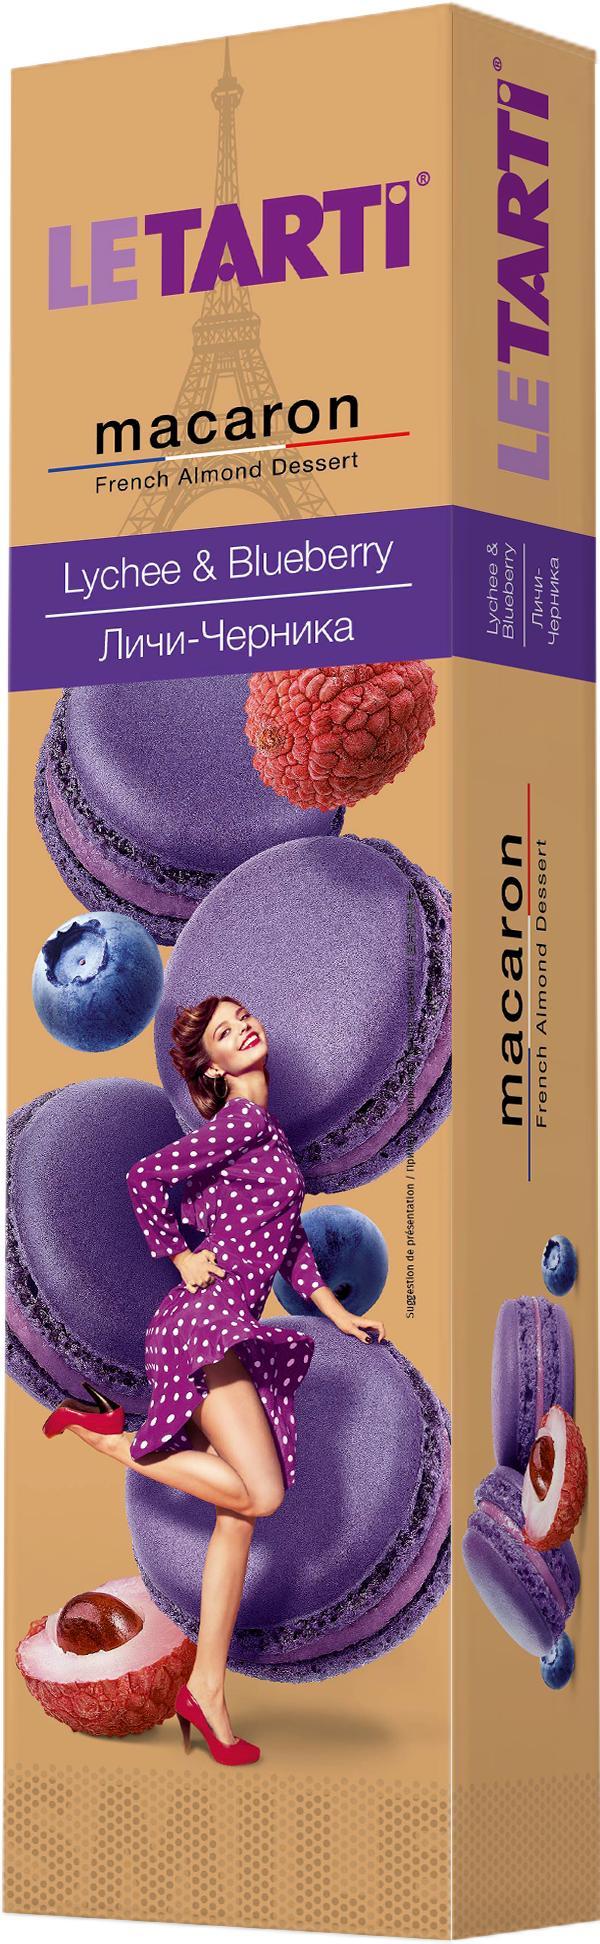 Пирожное Letarti Macarons c личи-черникой